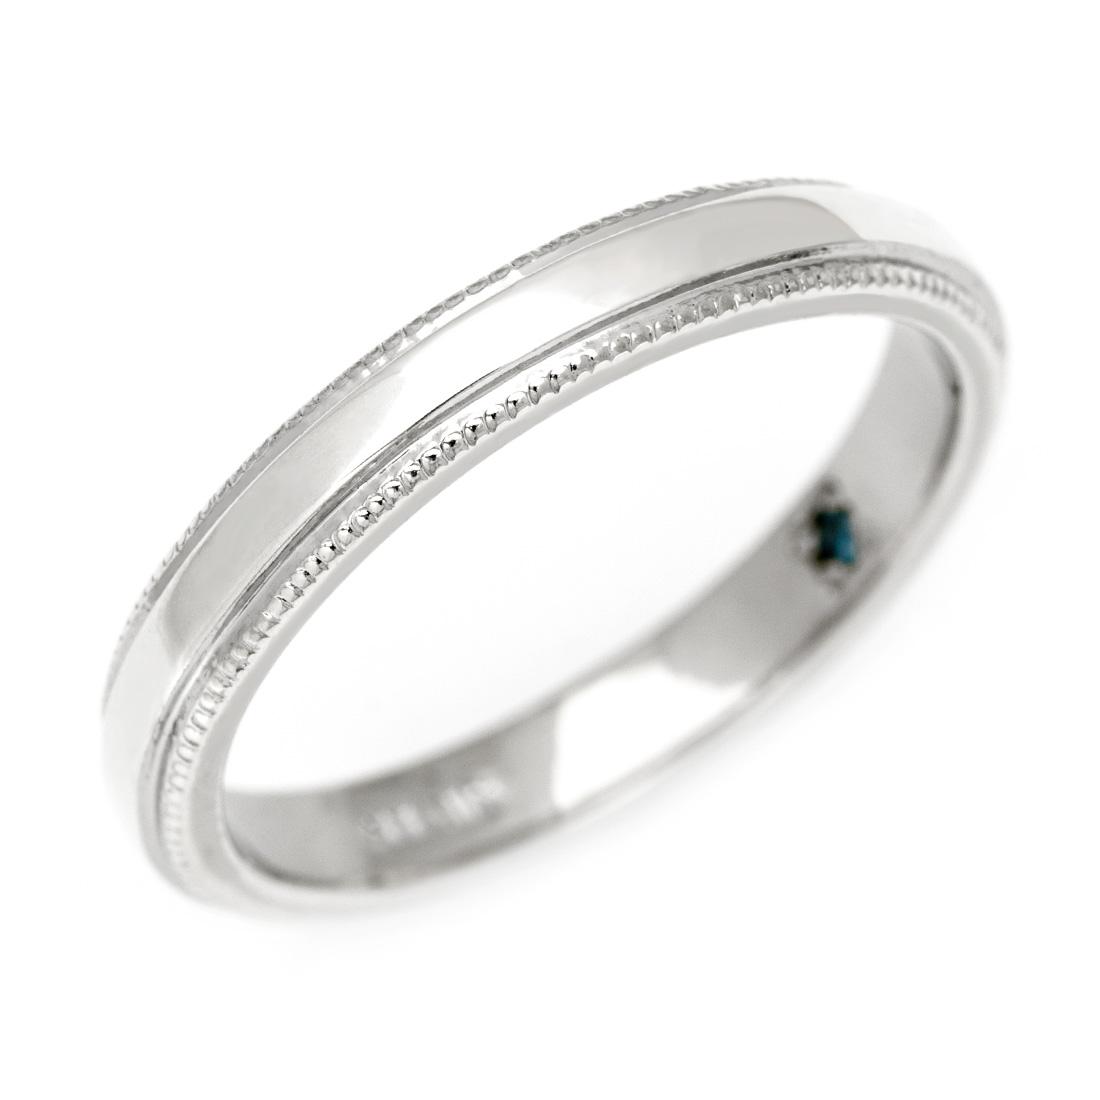 マリッジリング ダイヤモンド 「Grain」 プラチナ900 (メンズ 10-29号)